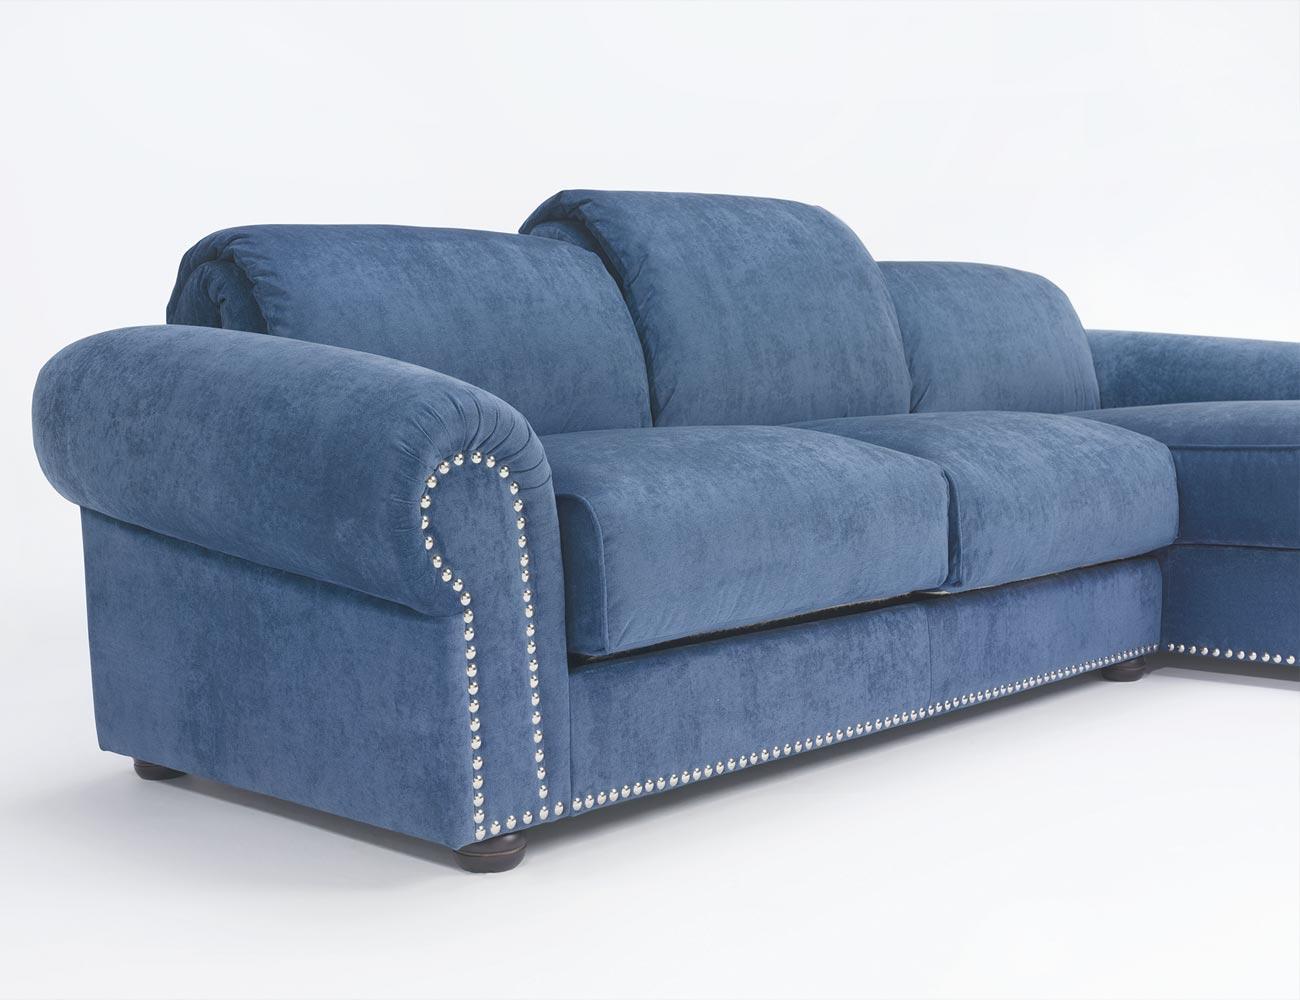 Sofa chaiselongue gran lujo decorativo azul 132